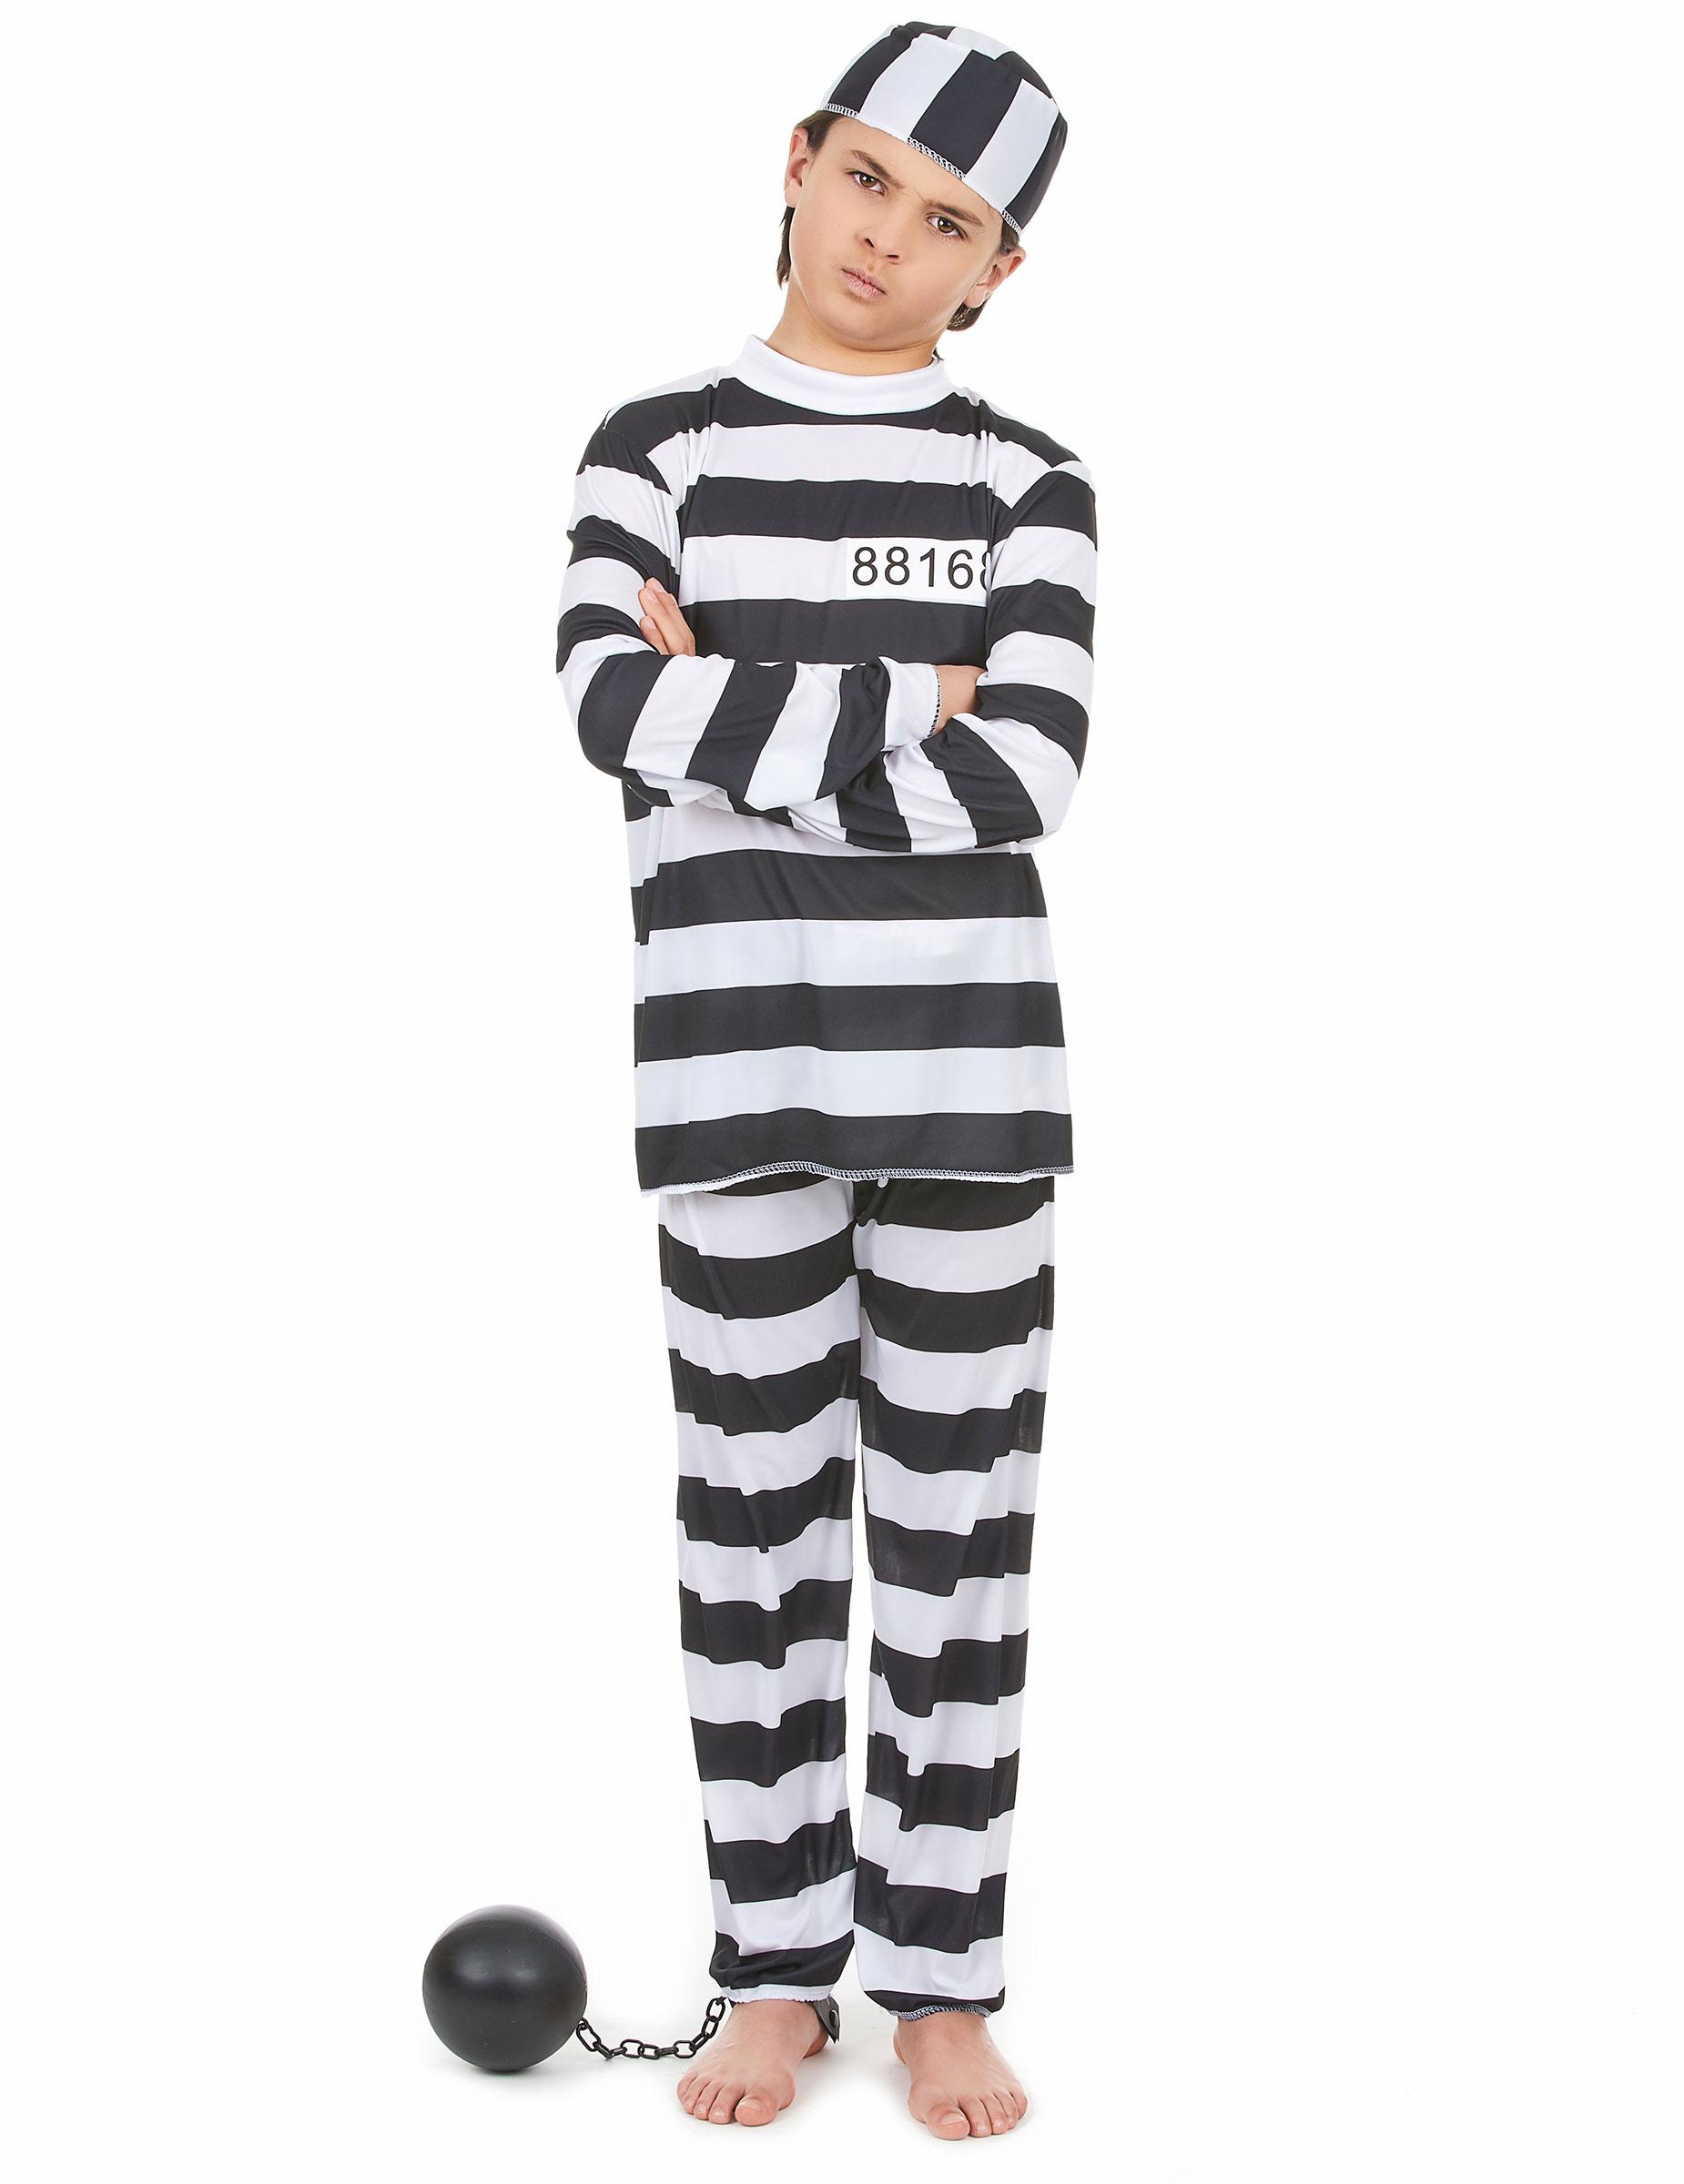 Disfraz de preso para niño o niña: Disfraces niños,y disfraces originales baratos - Vegaoo